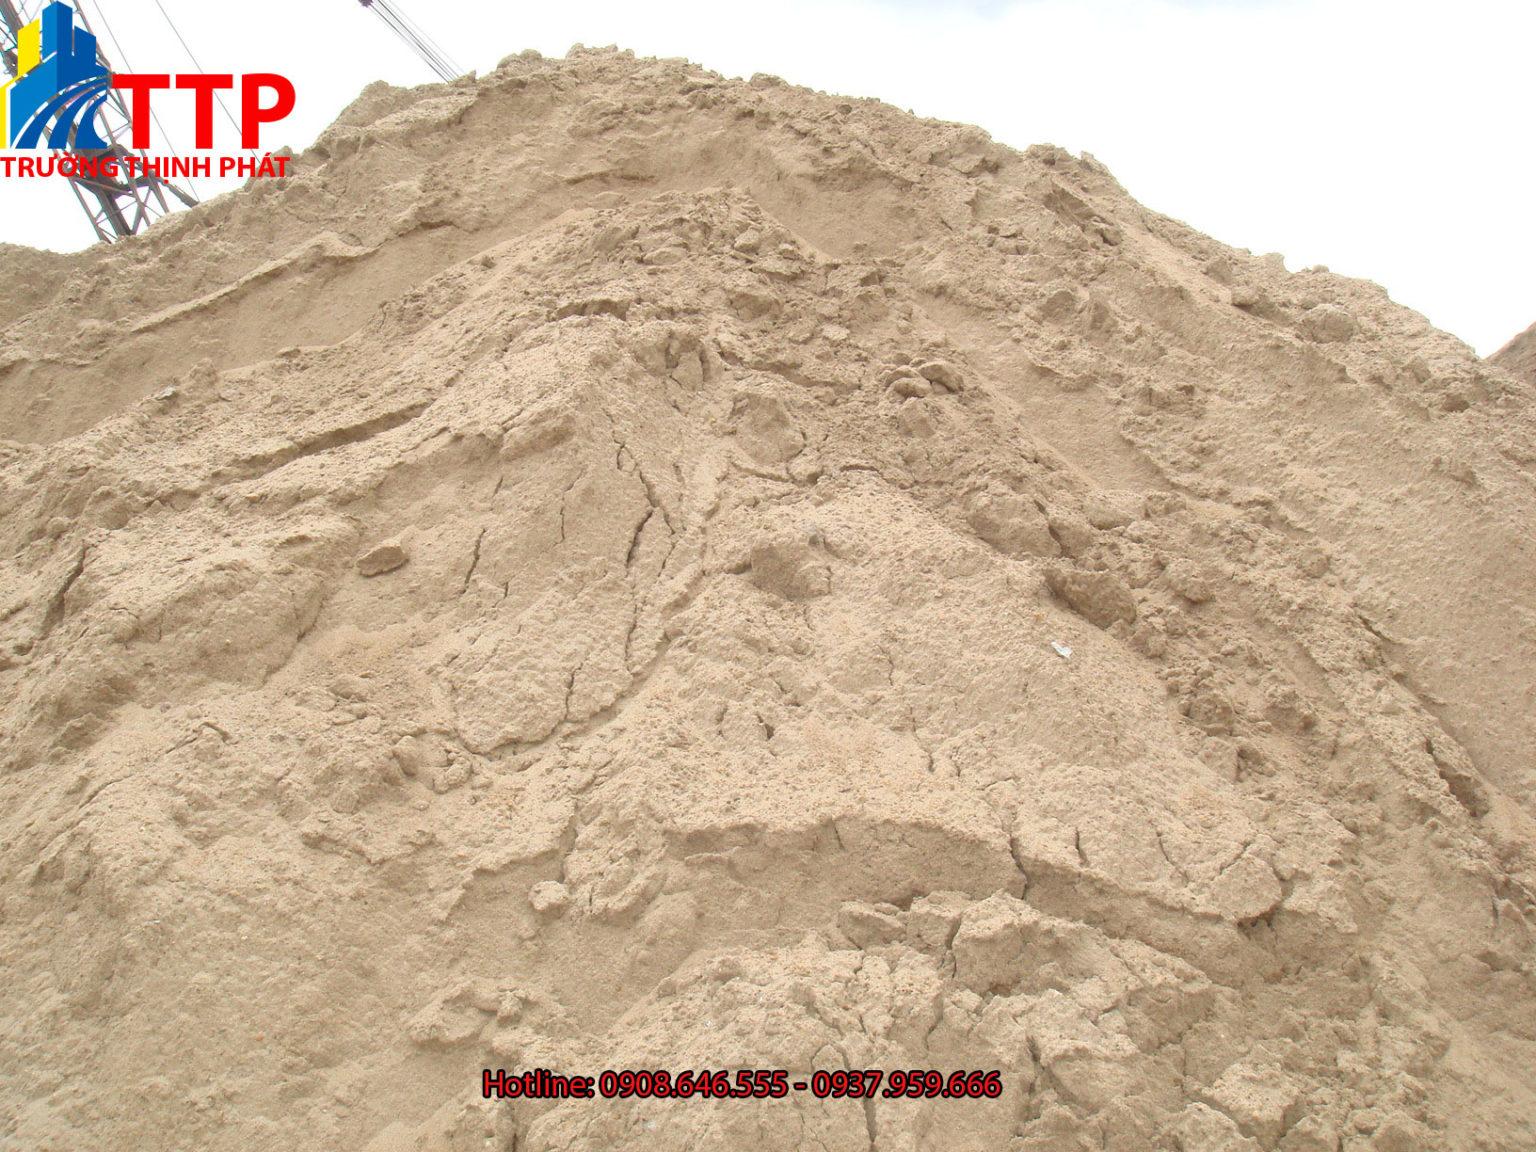 Báo giá cát san lấp xây dựng Thành Phố Đồng Xoài Tỉnh Bình Phước